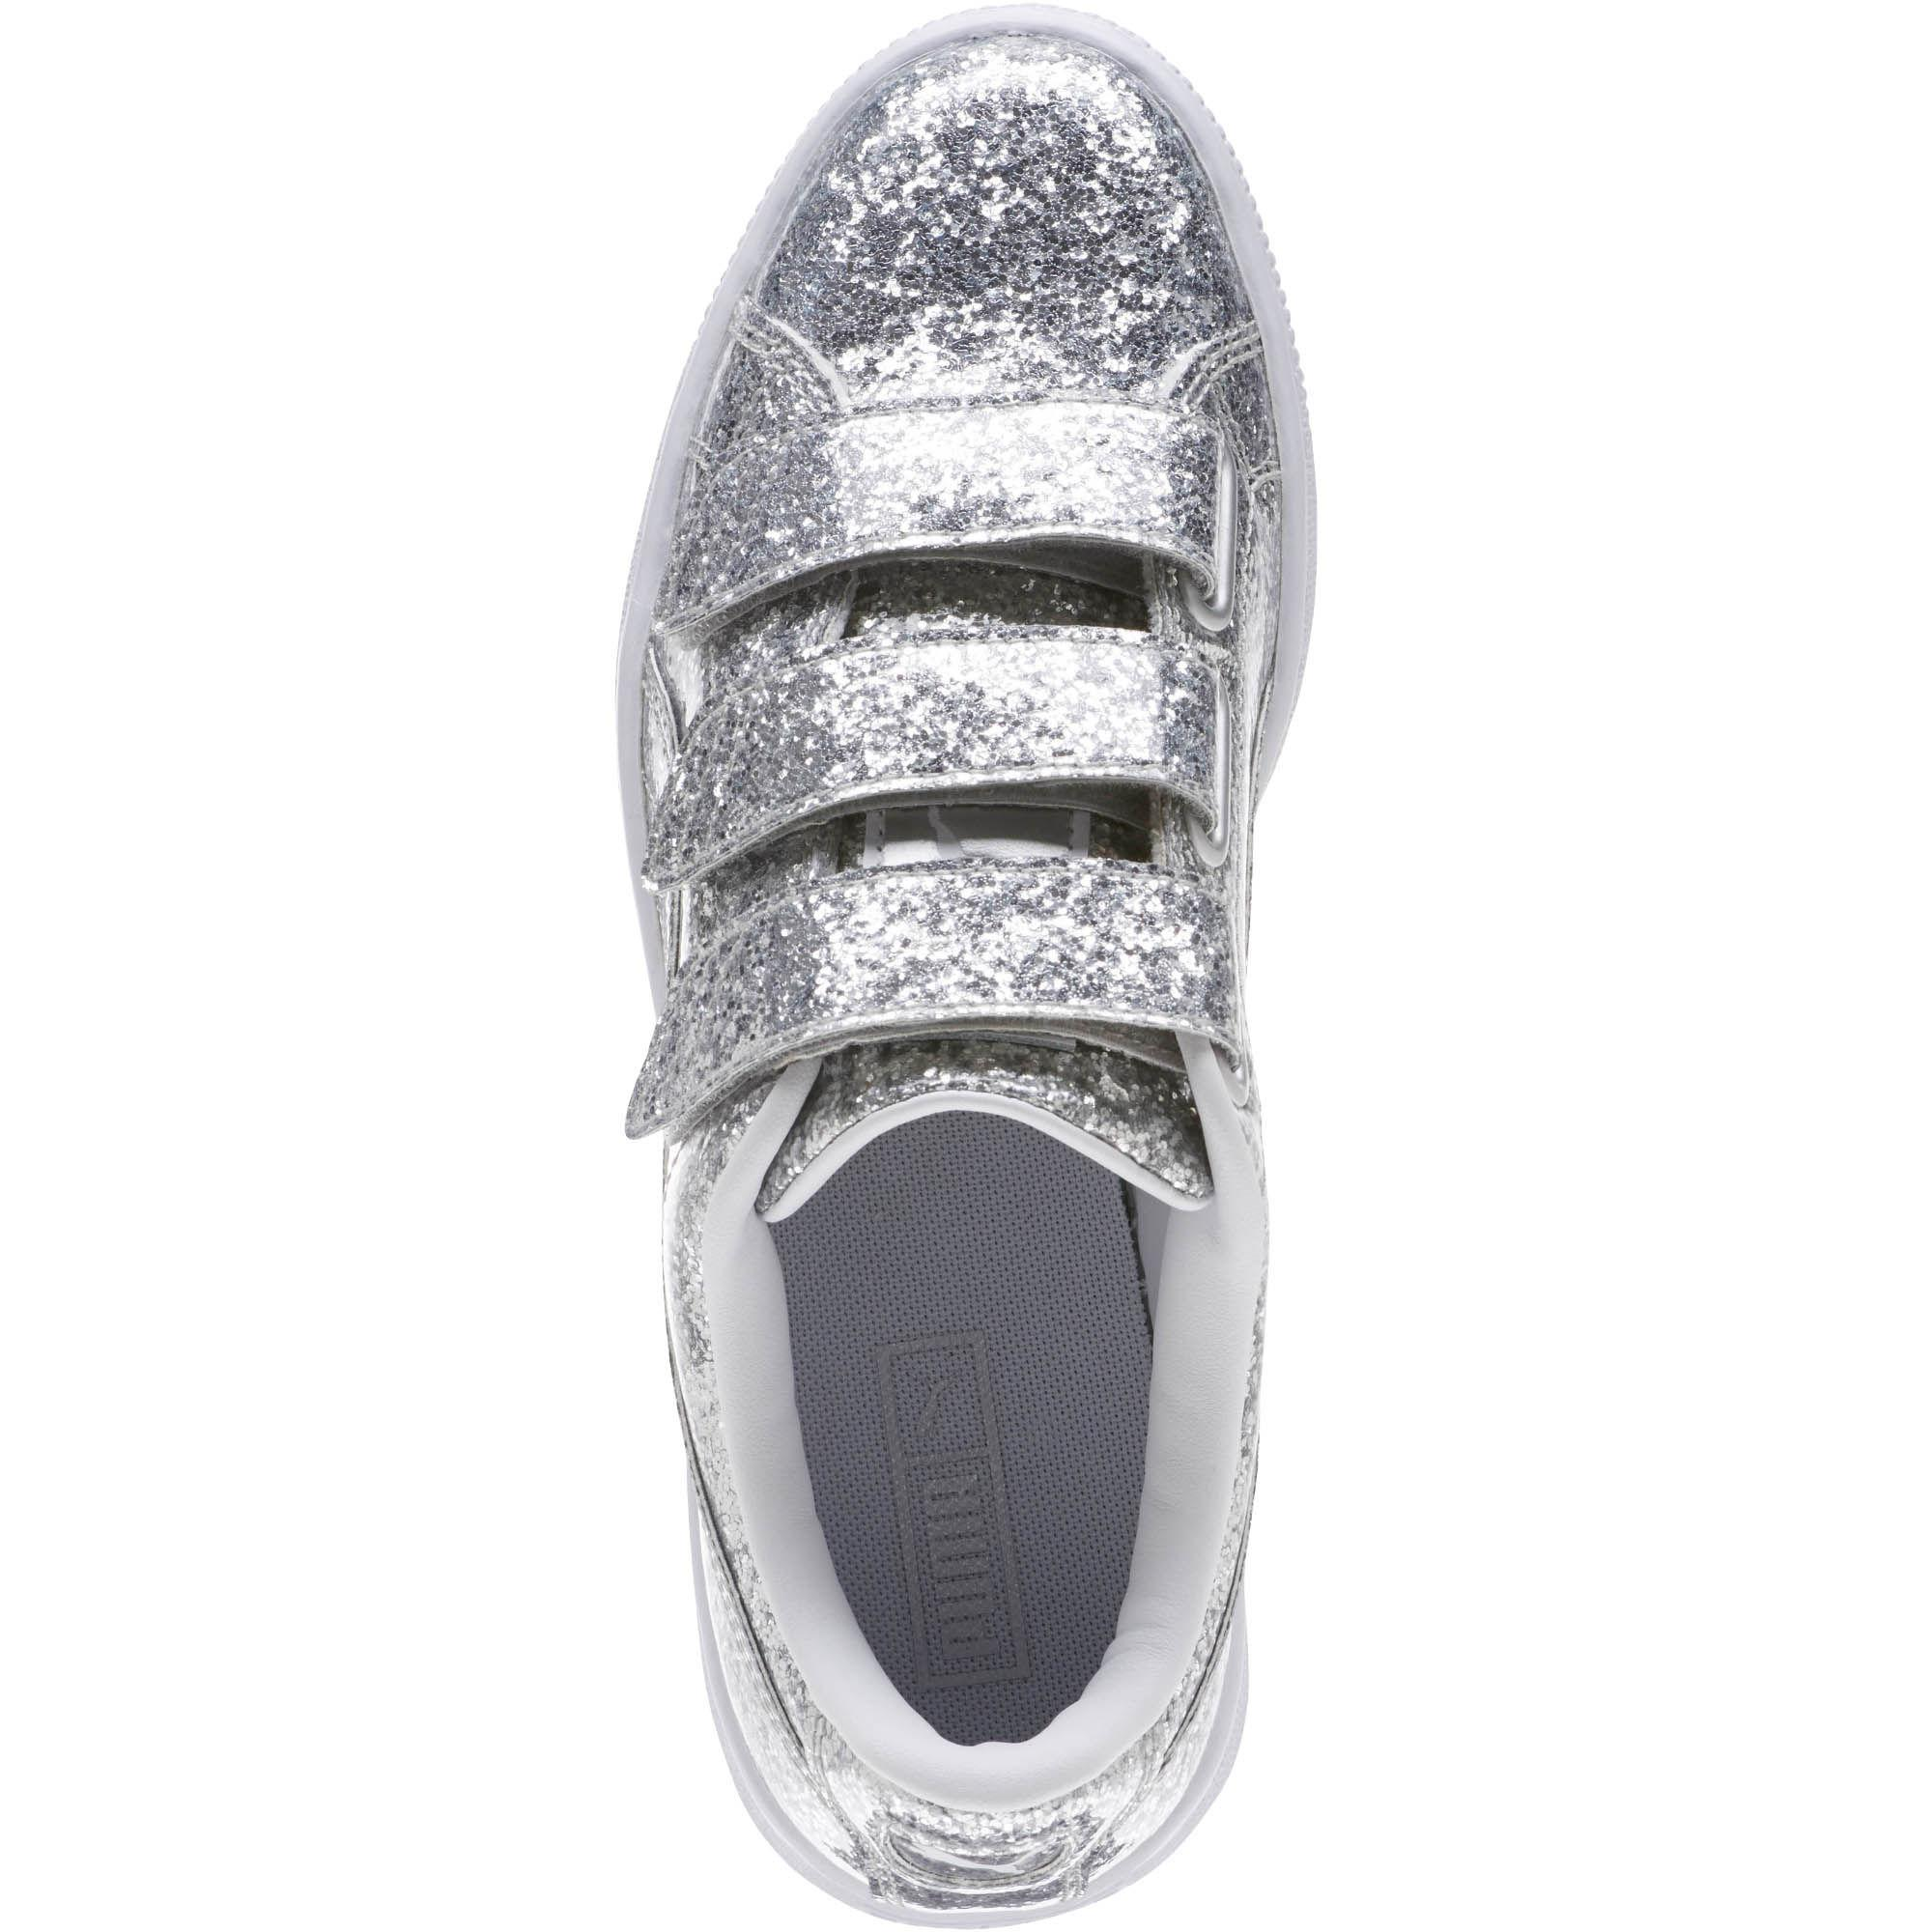 0747dd850ae Lyst - PUMA Basket Strap Glitter Women s Sneakers in Metallic